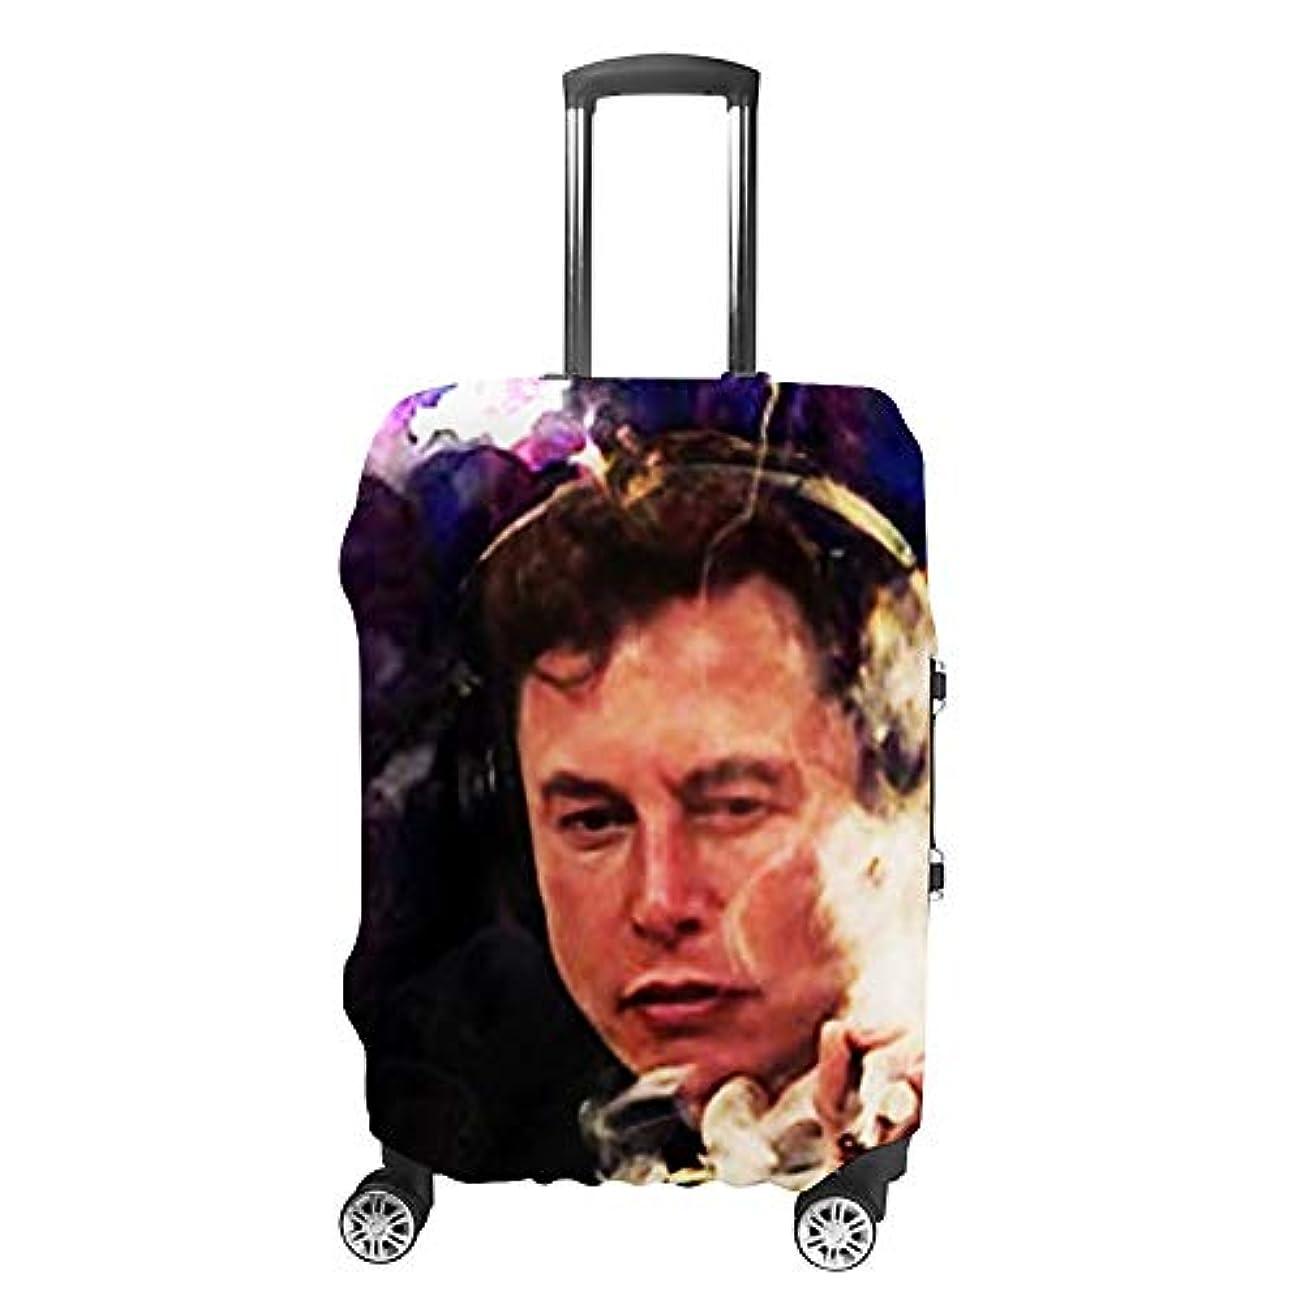 飢えスピリチュアル原子Elon Musk ファッション旅行荷物カバースーツケース荷物プロテクター旅行カバー男性用女性用